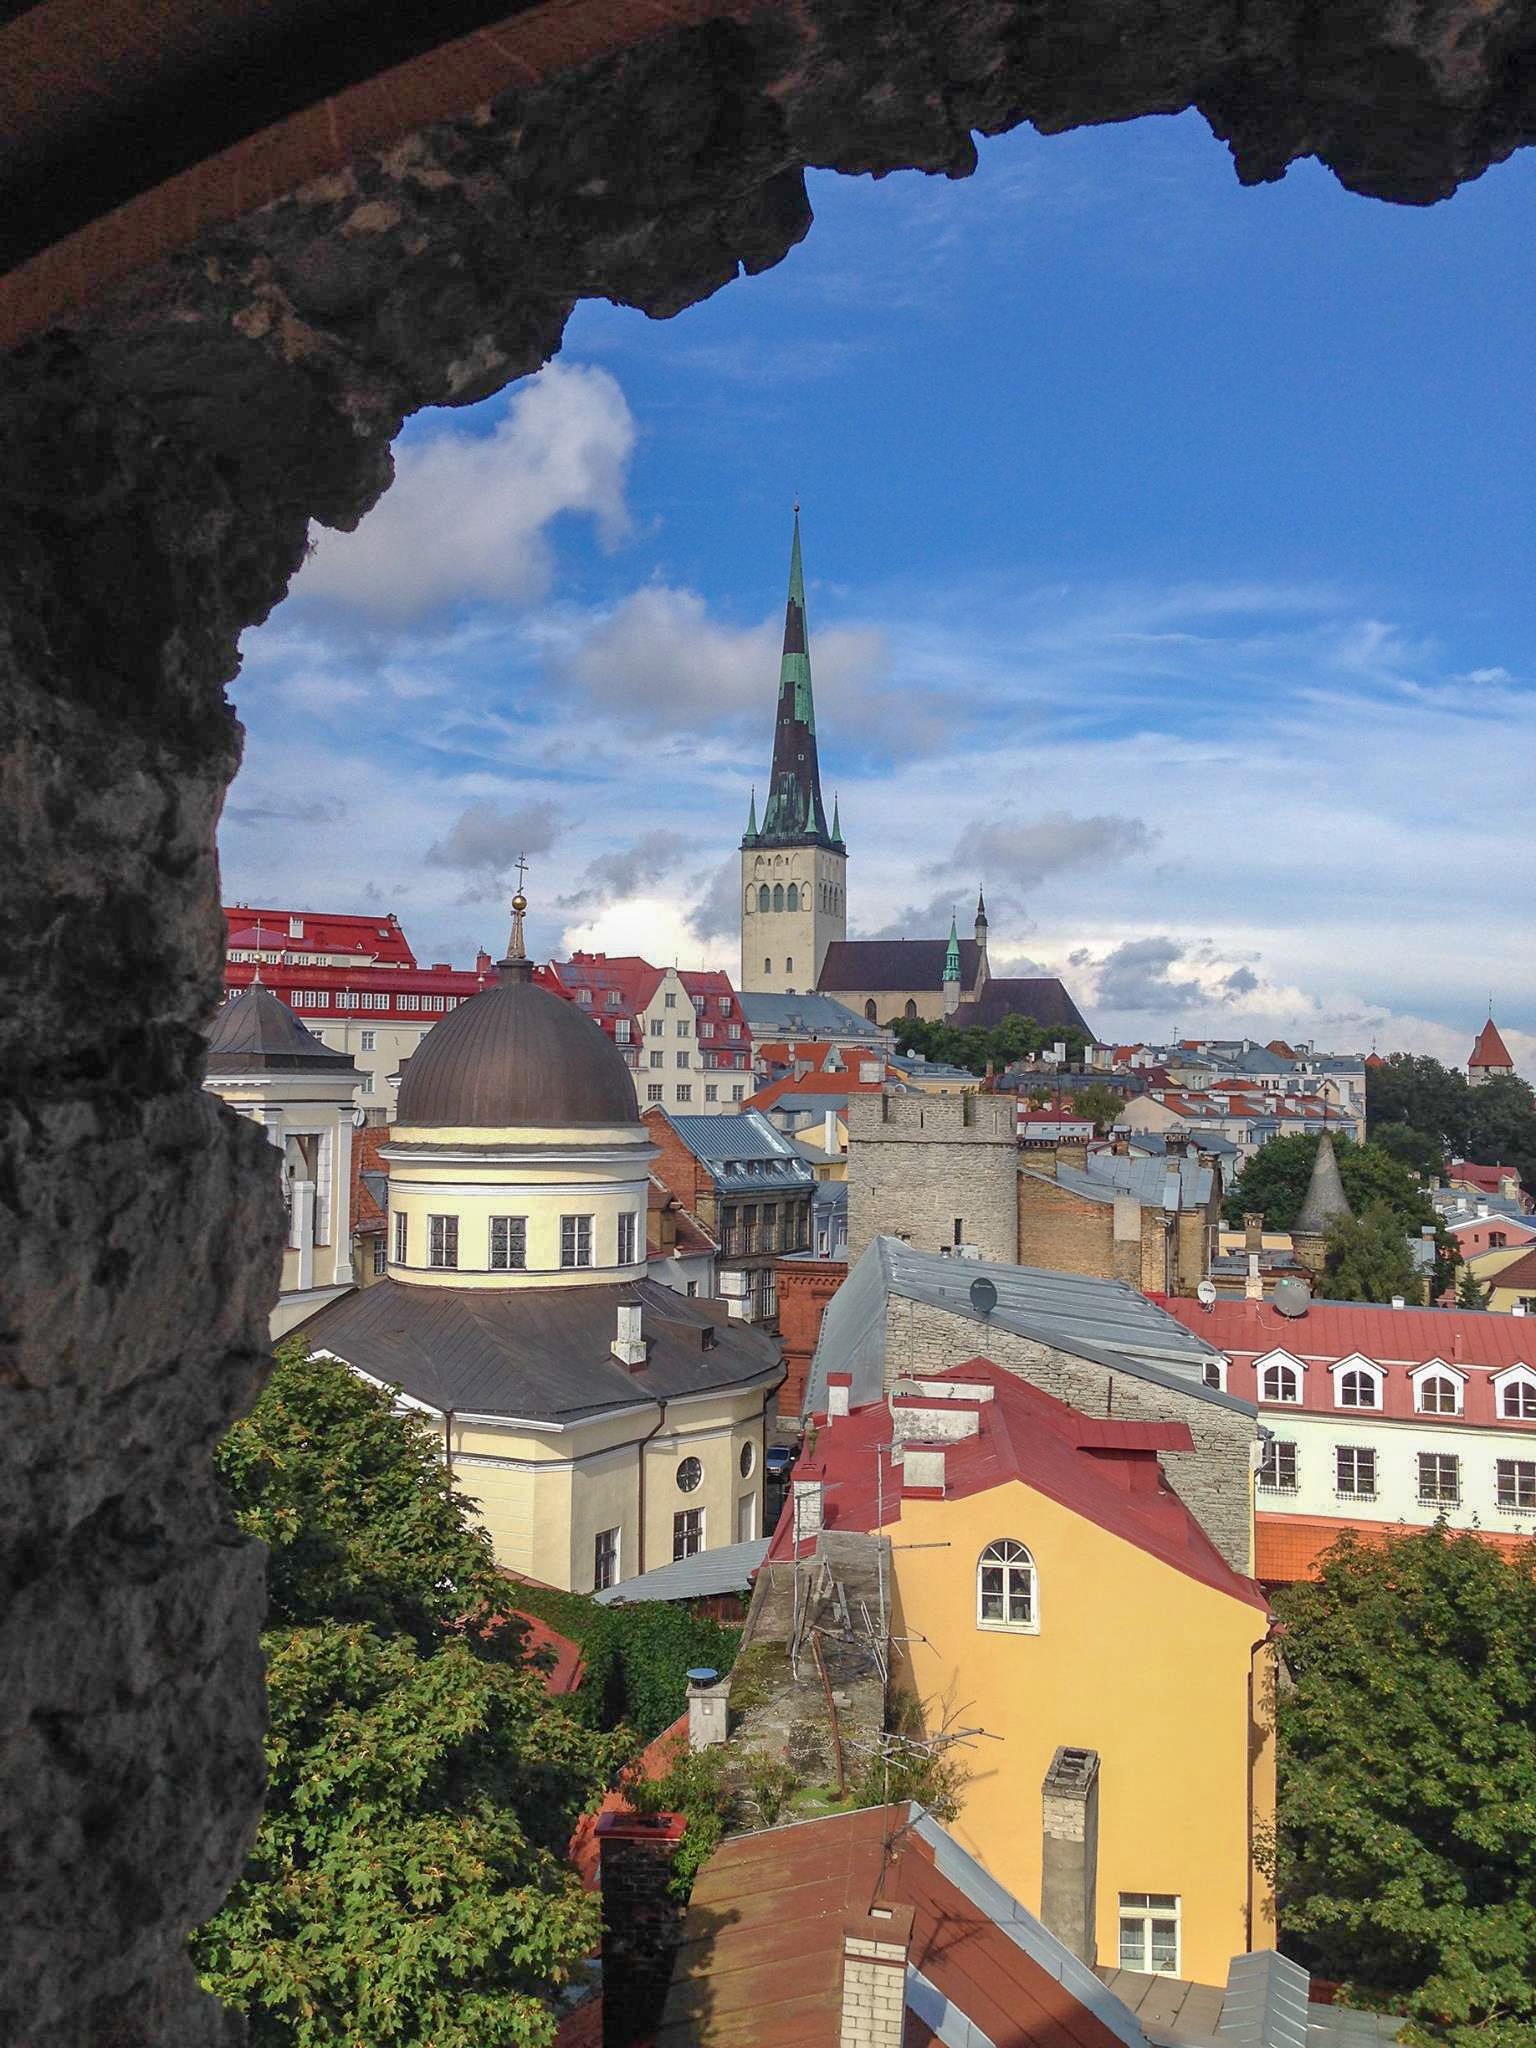 Tallinn-Estonia-City-Walls-View